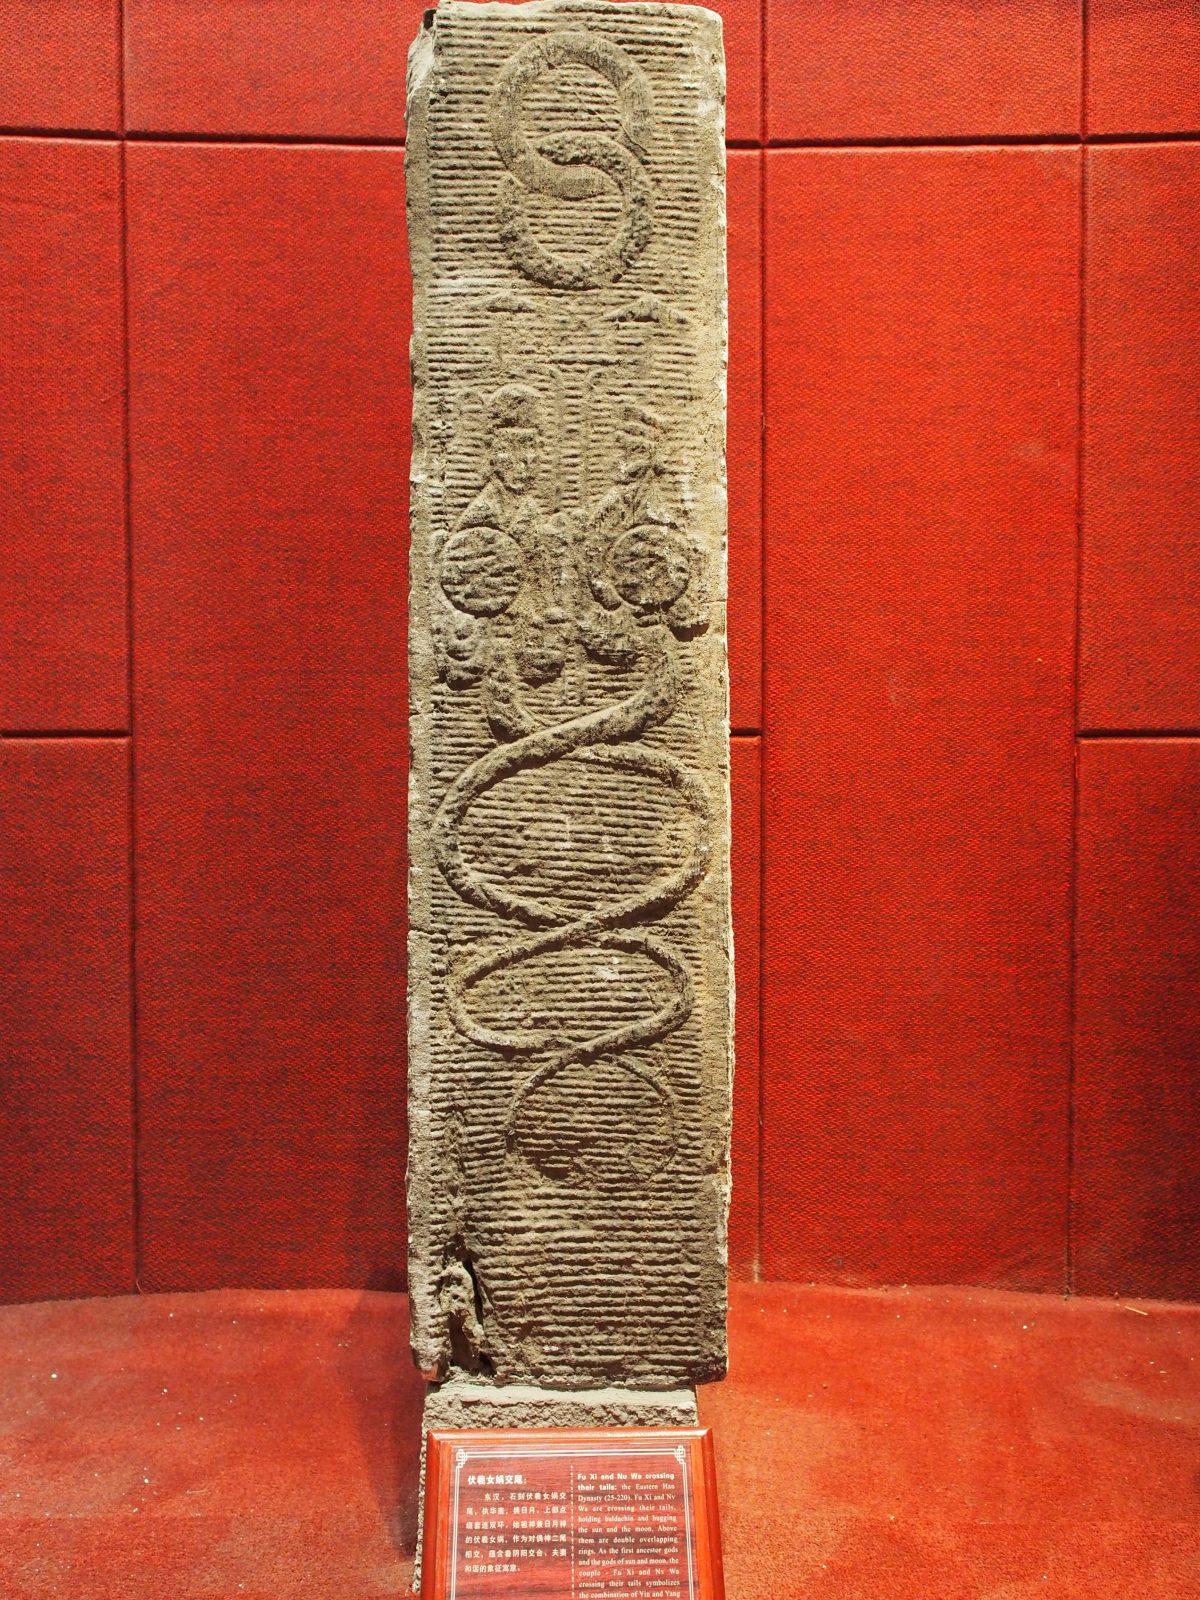 东汉·伏羲女娲交尾画像石